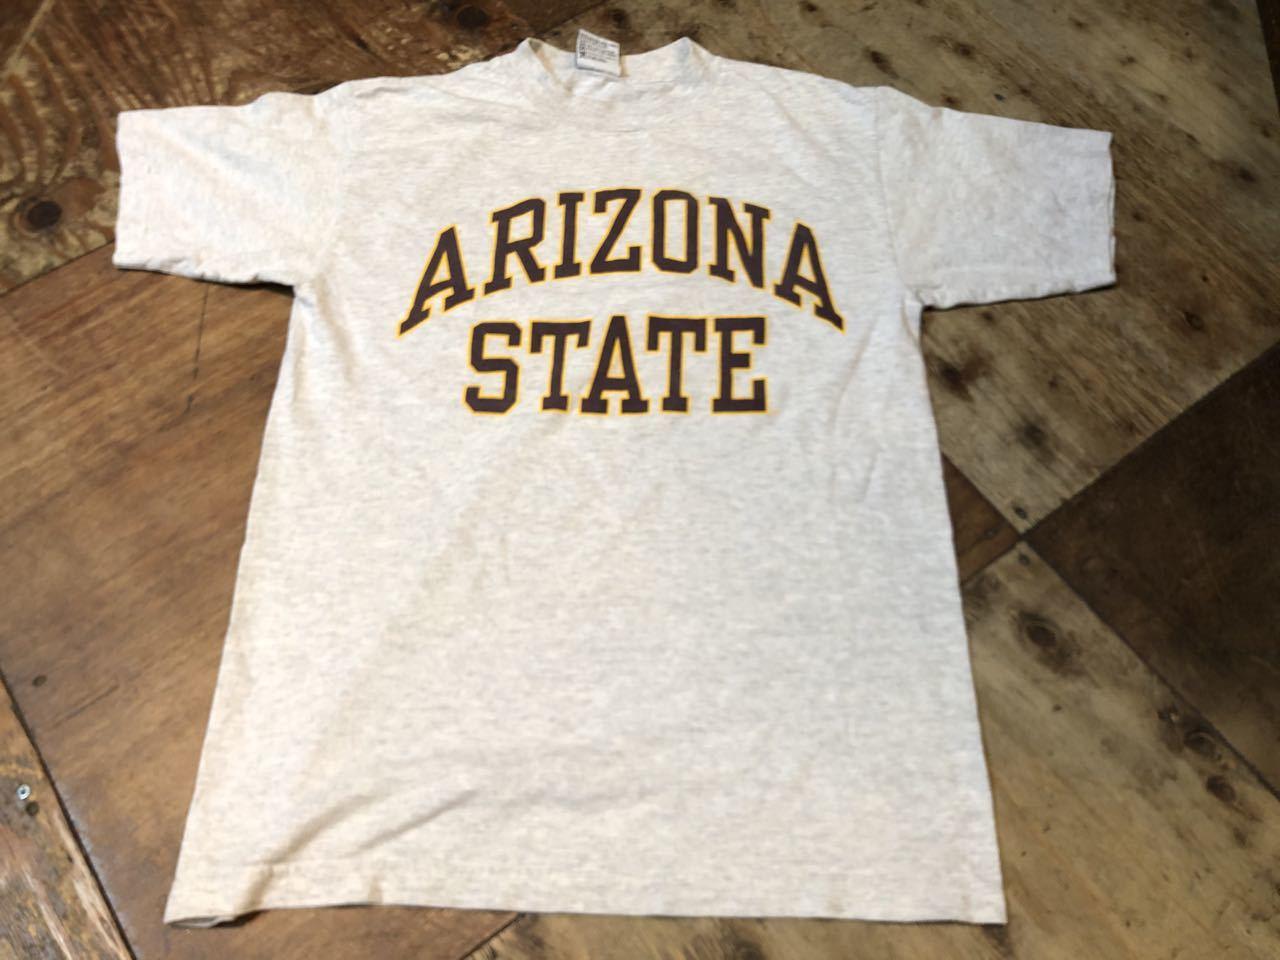 7月11日(土)入荷!90s MADE IN U.S.A sports wear co ARIZONA STATE カレッジTシャツ!_c0144020_13331821.jpg